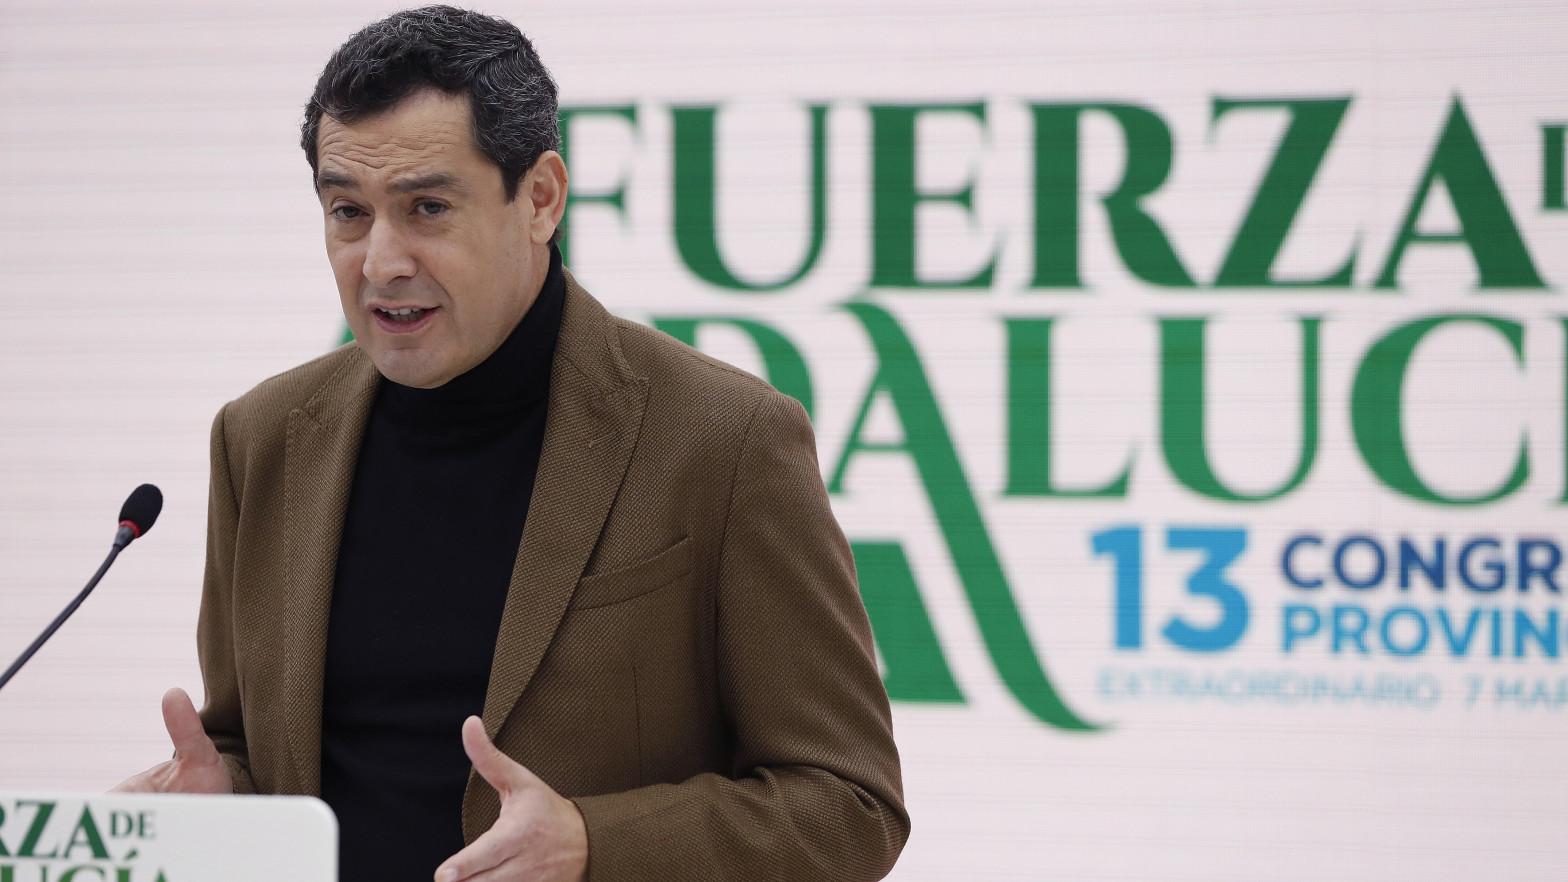 El PP anula tres mesas en Sevilla al hallar 203 votos ilegales al candidato de Juanma Moreno